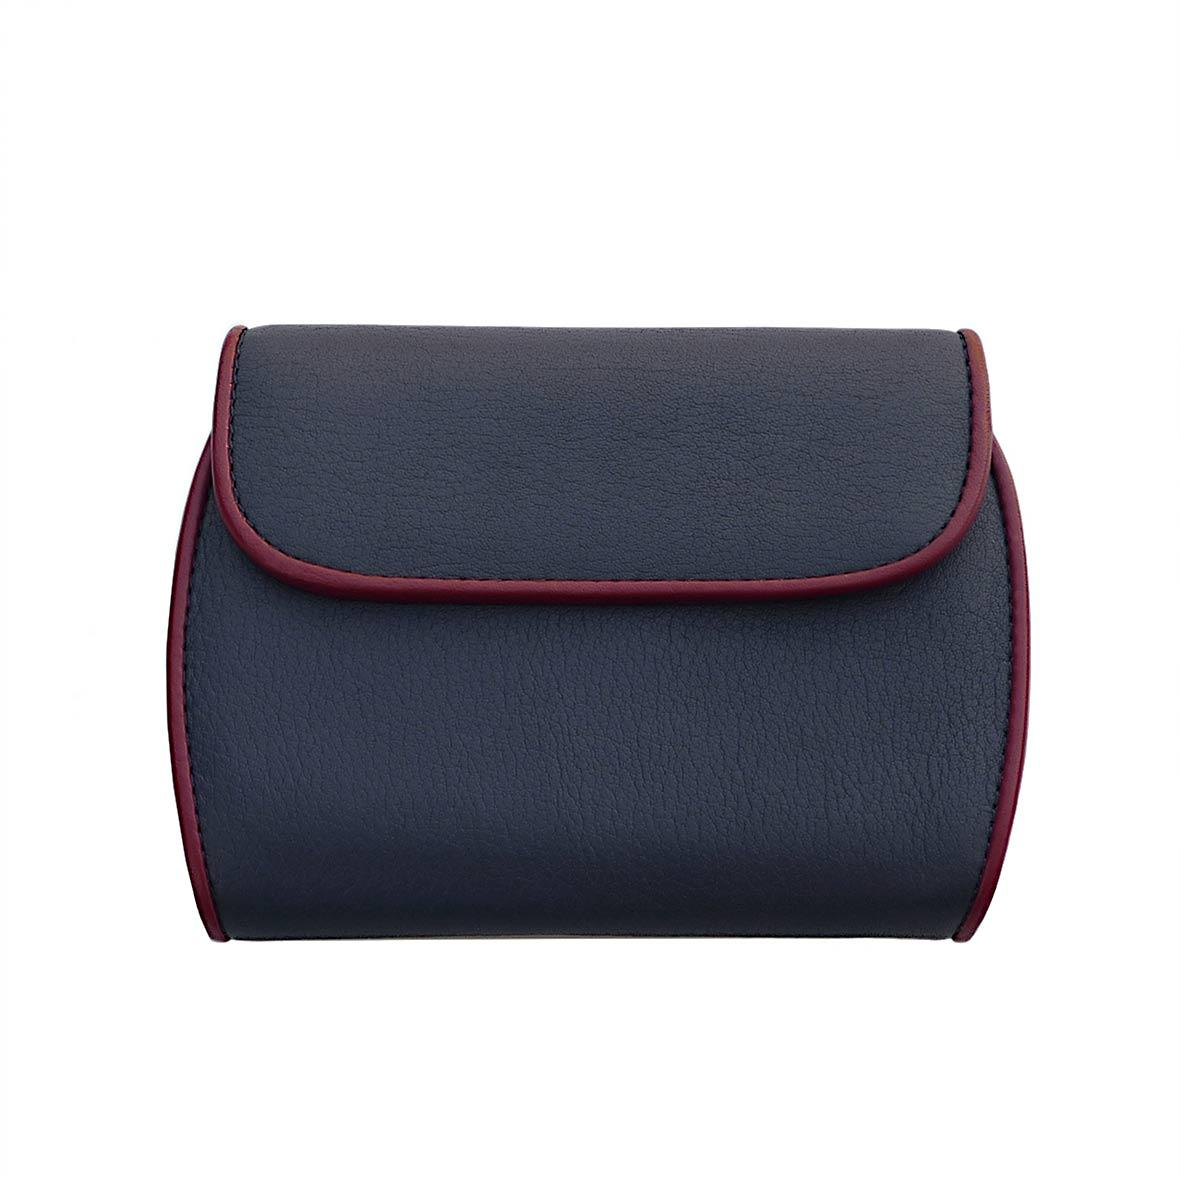 Portemonnaie CLAM 173